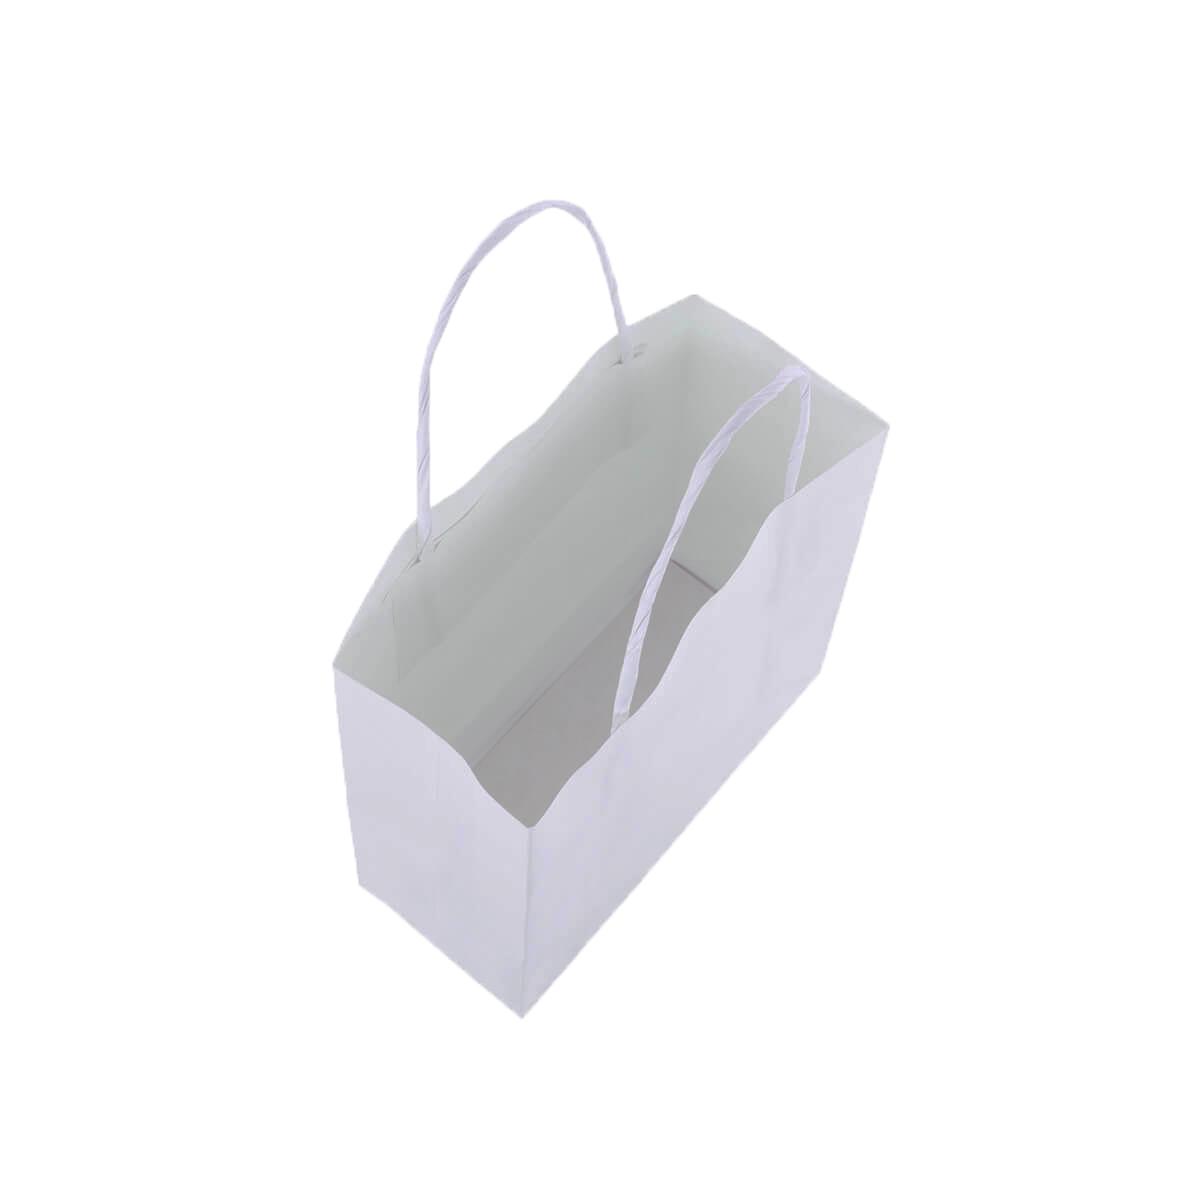 Sacola Branca Pequena 17x16x7 - 50 Unidades